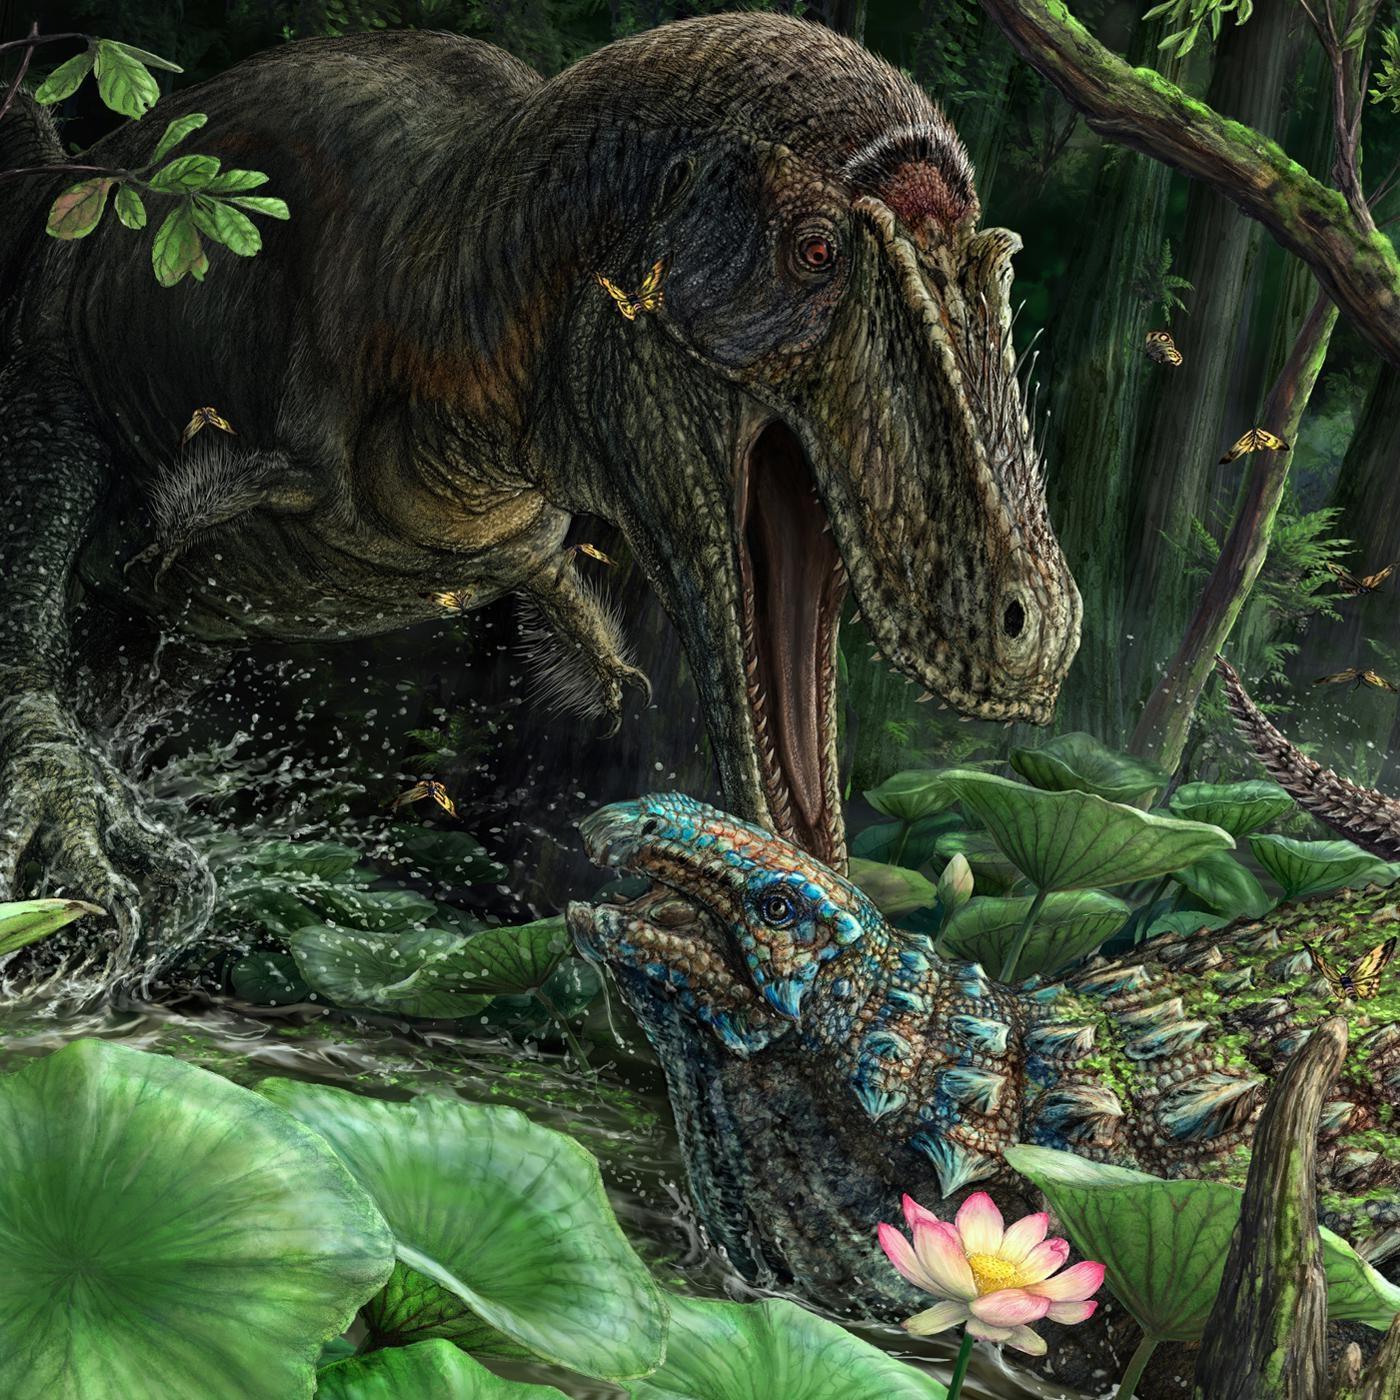 Rekonstrukce pravděpodobného vzezření druhu Dynamoterror dynastes a jeho možné občasné kořisti v podobě nodosaurida druhu Invictarx zephyri. Životní prostředí těchto dinosaurů mělo před 78 miliony let podobu vlhkých močálovitých nížin. Kredit: Brian